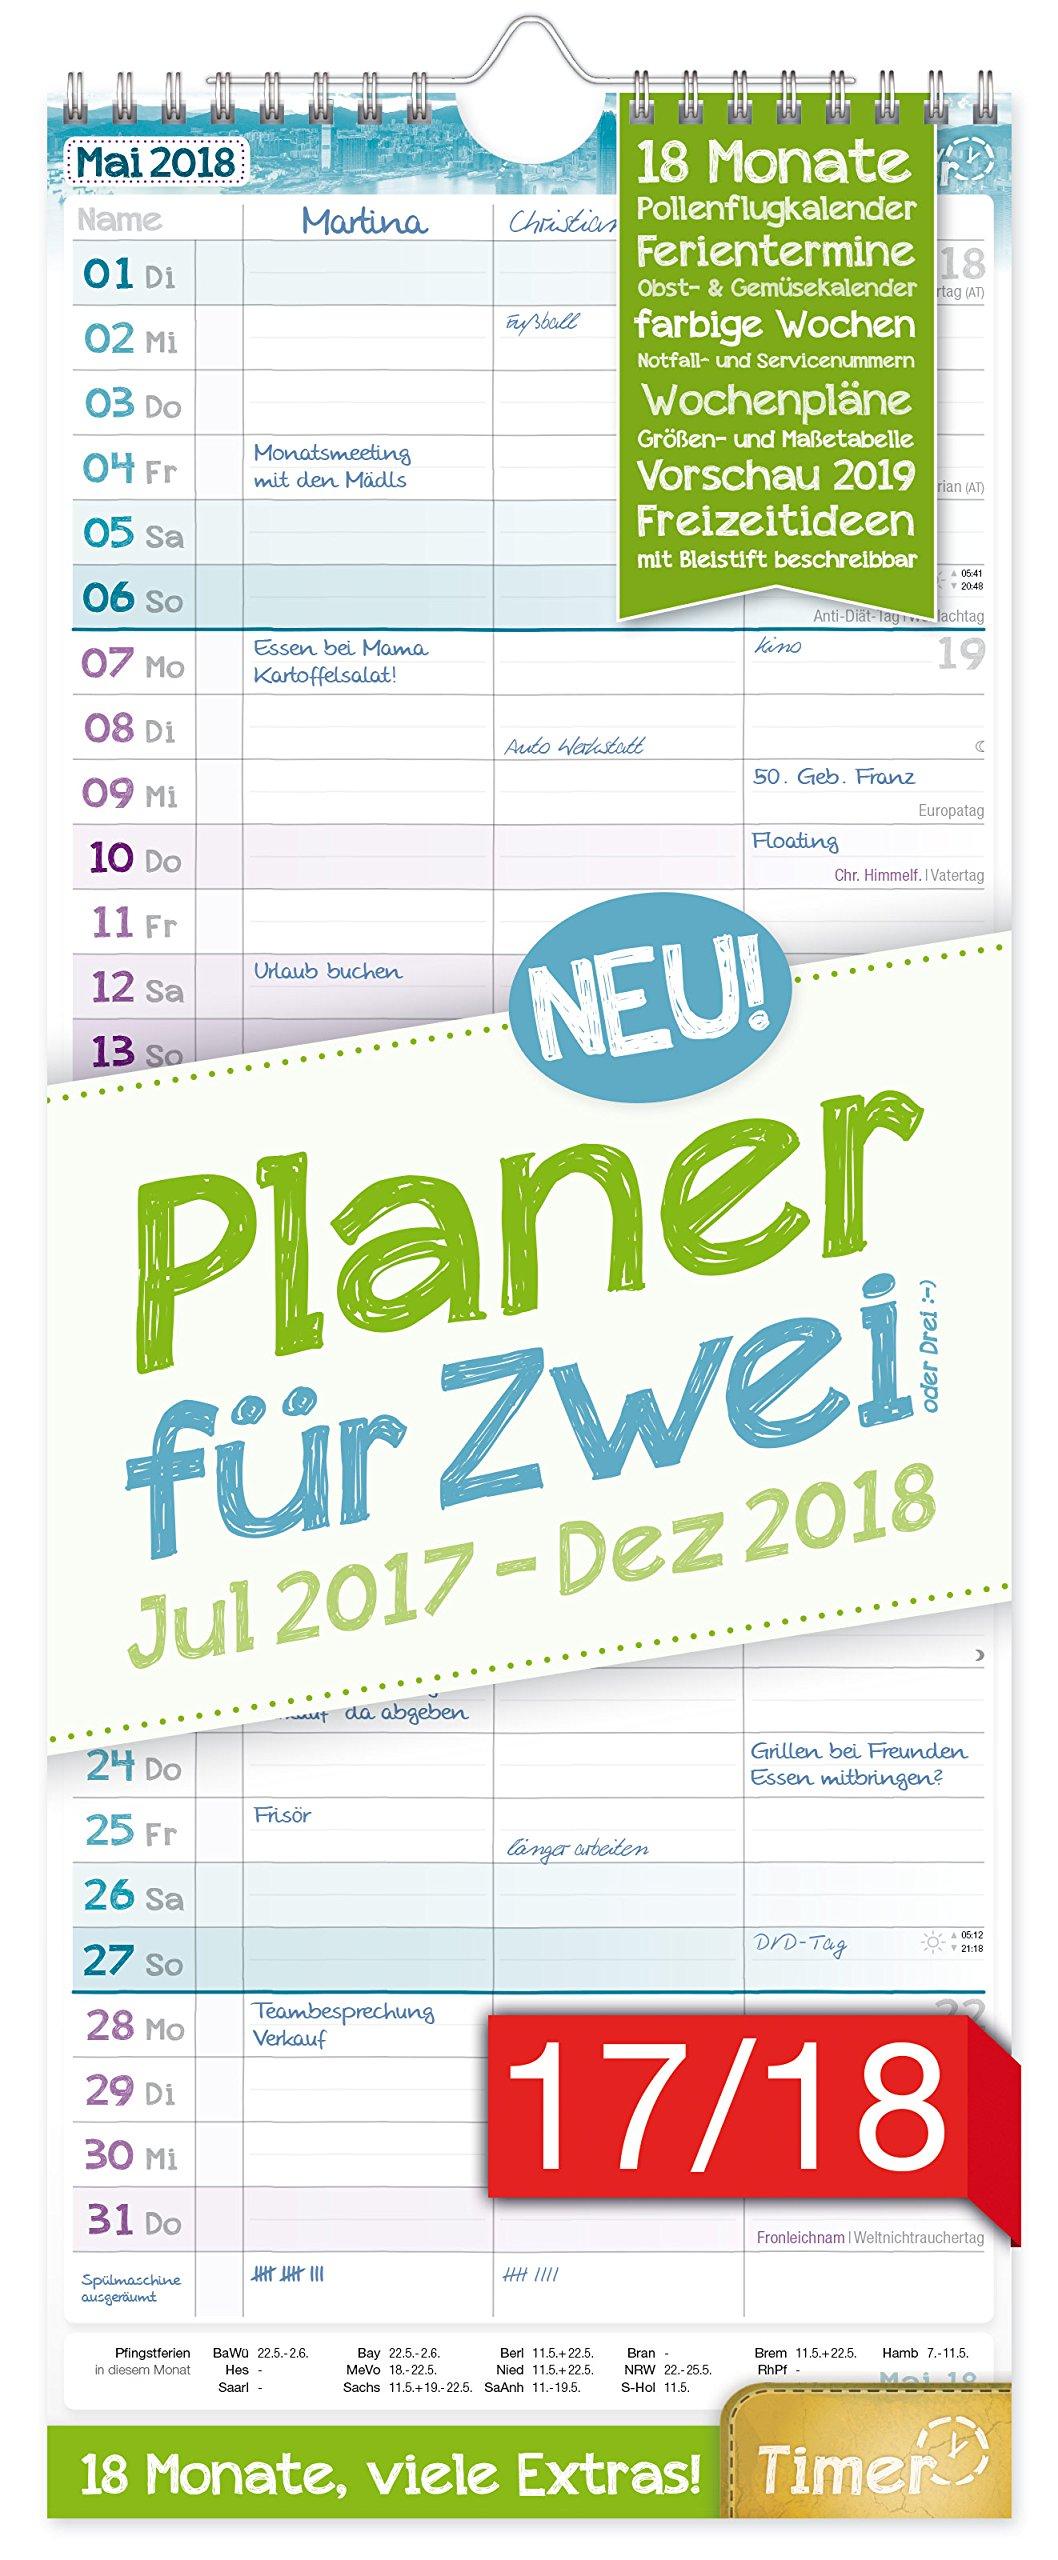 Planer für Zwei 2017/2018 17x42cm, 3 Spalten, Wandkalender 18 Monate Juli 2017-Dezember 2018 - Wandplaner Chäff-Timer, Ferientermine, viele Zusatzinfos